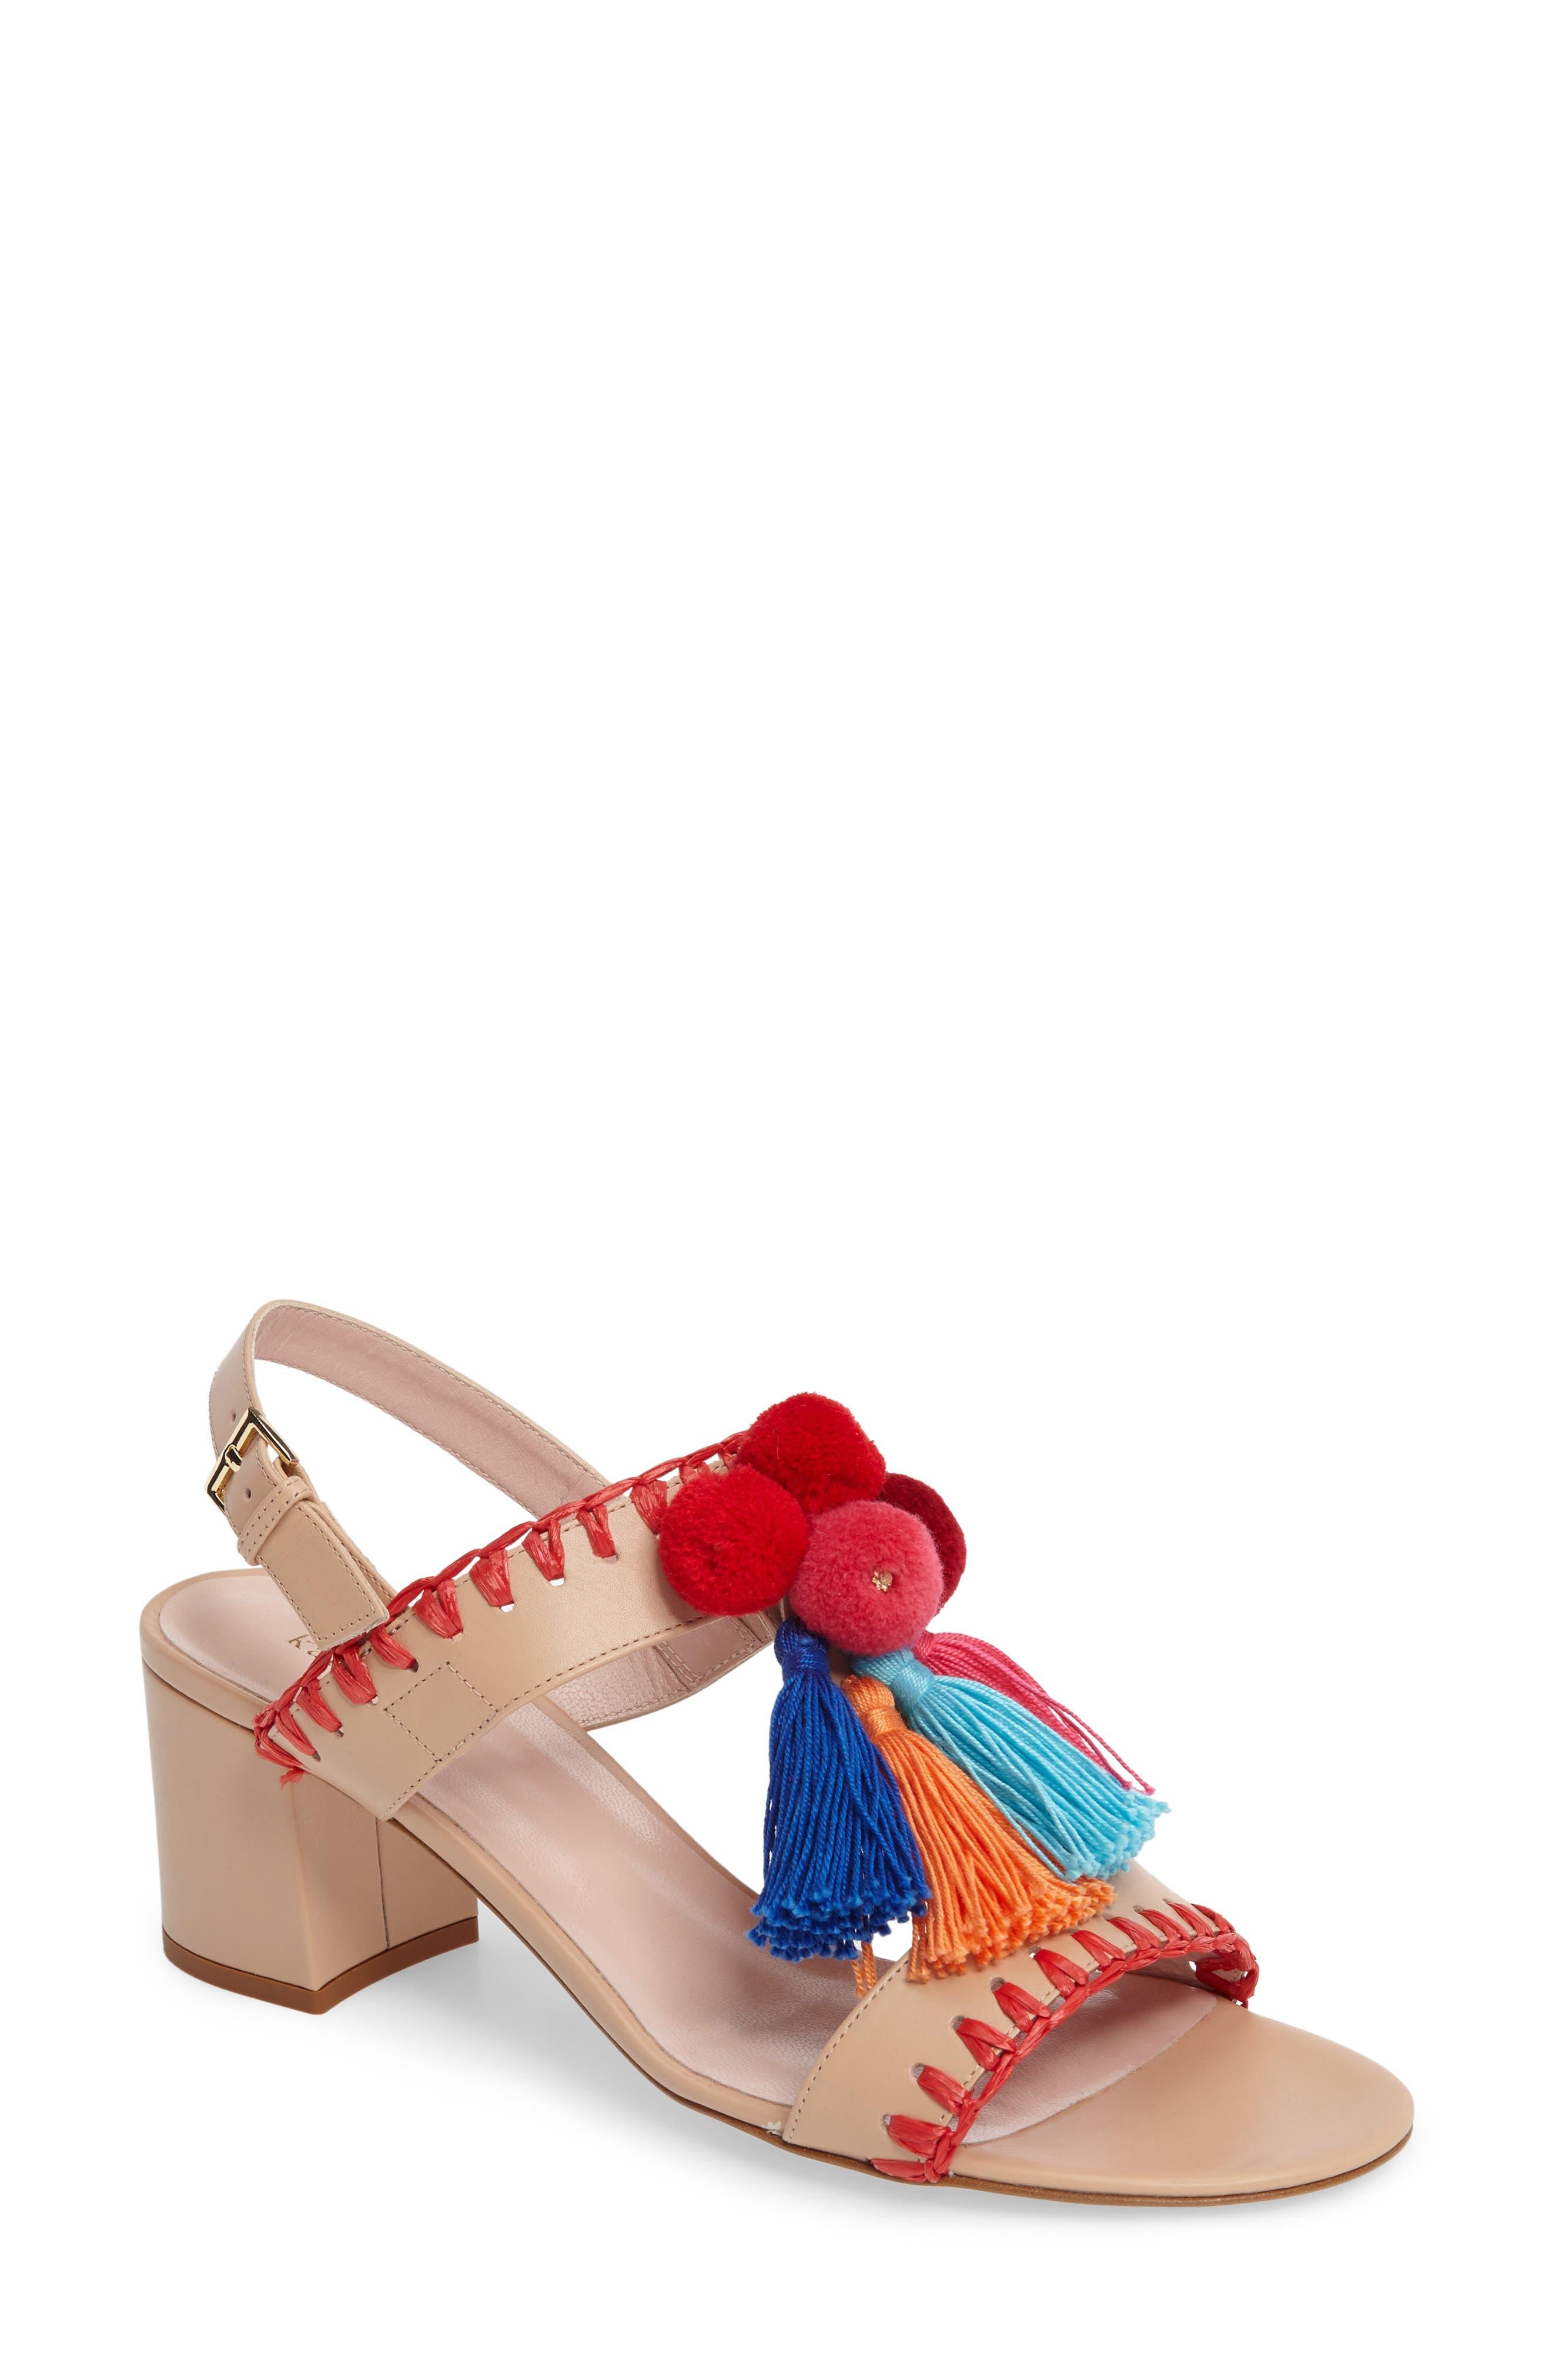 mcdougal pom tassel sandal,                         Main,                         color, 278